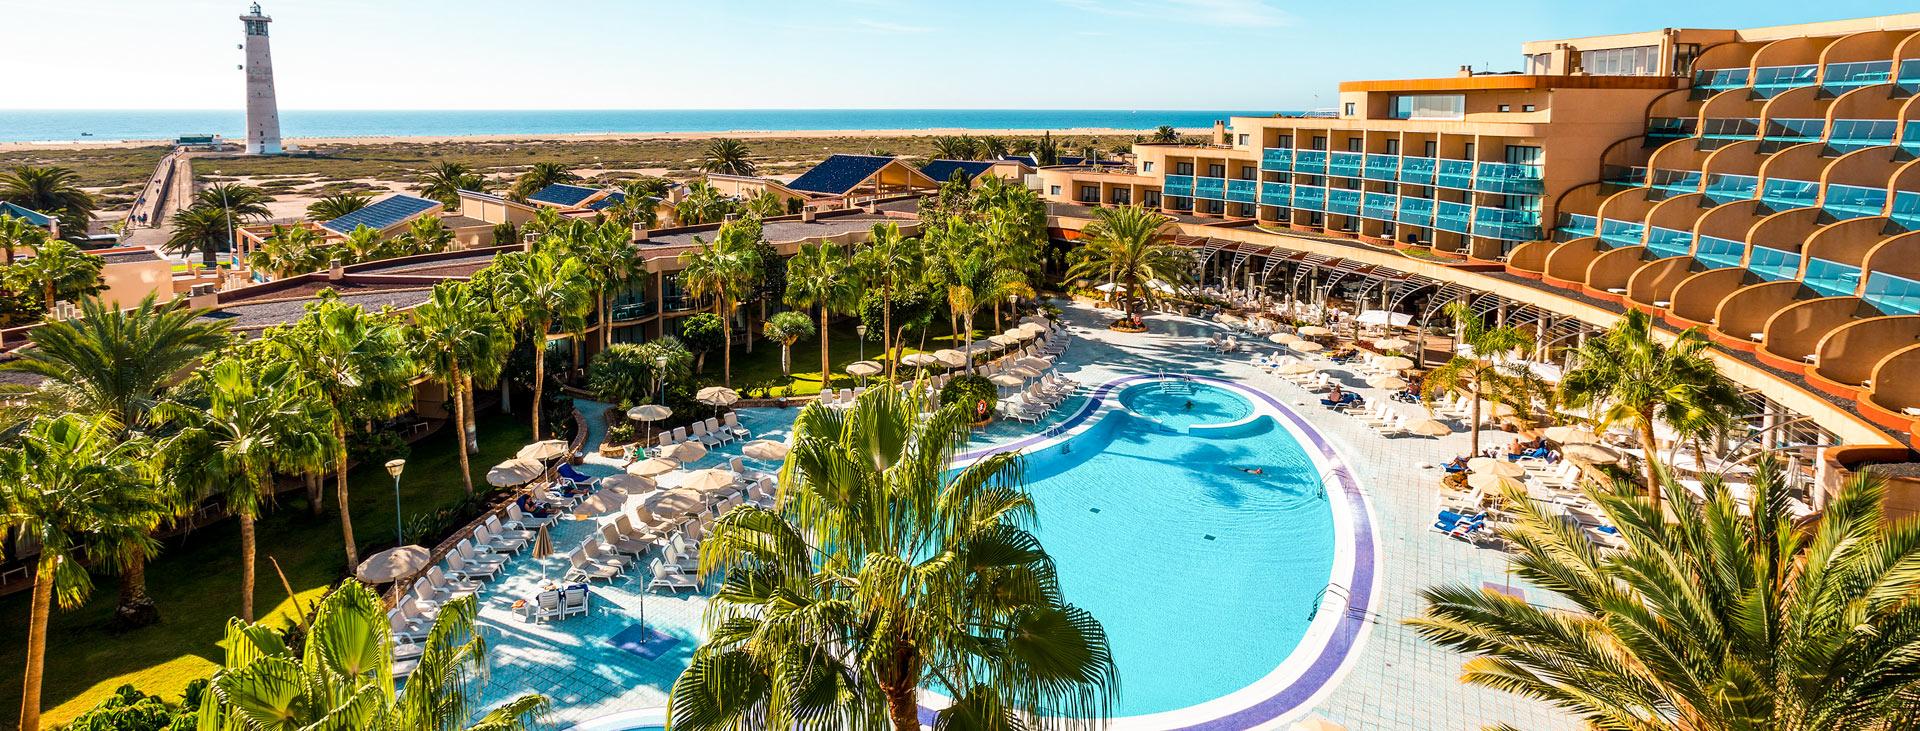 Hotel Faro Jandia & Spa, Jandia, Fuerteventura, Kanariøyene